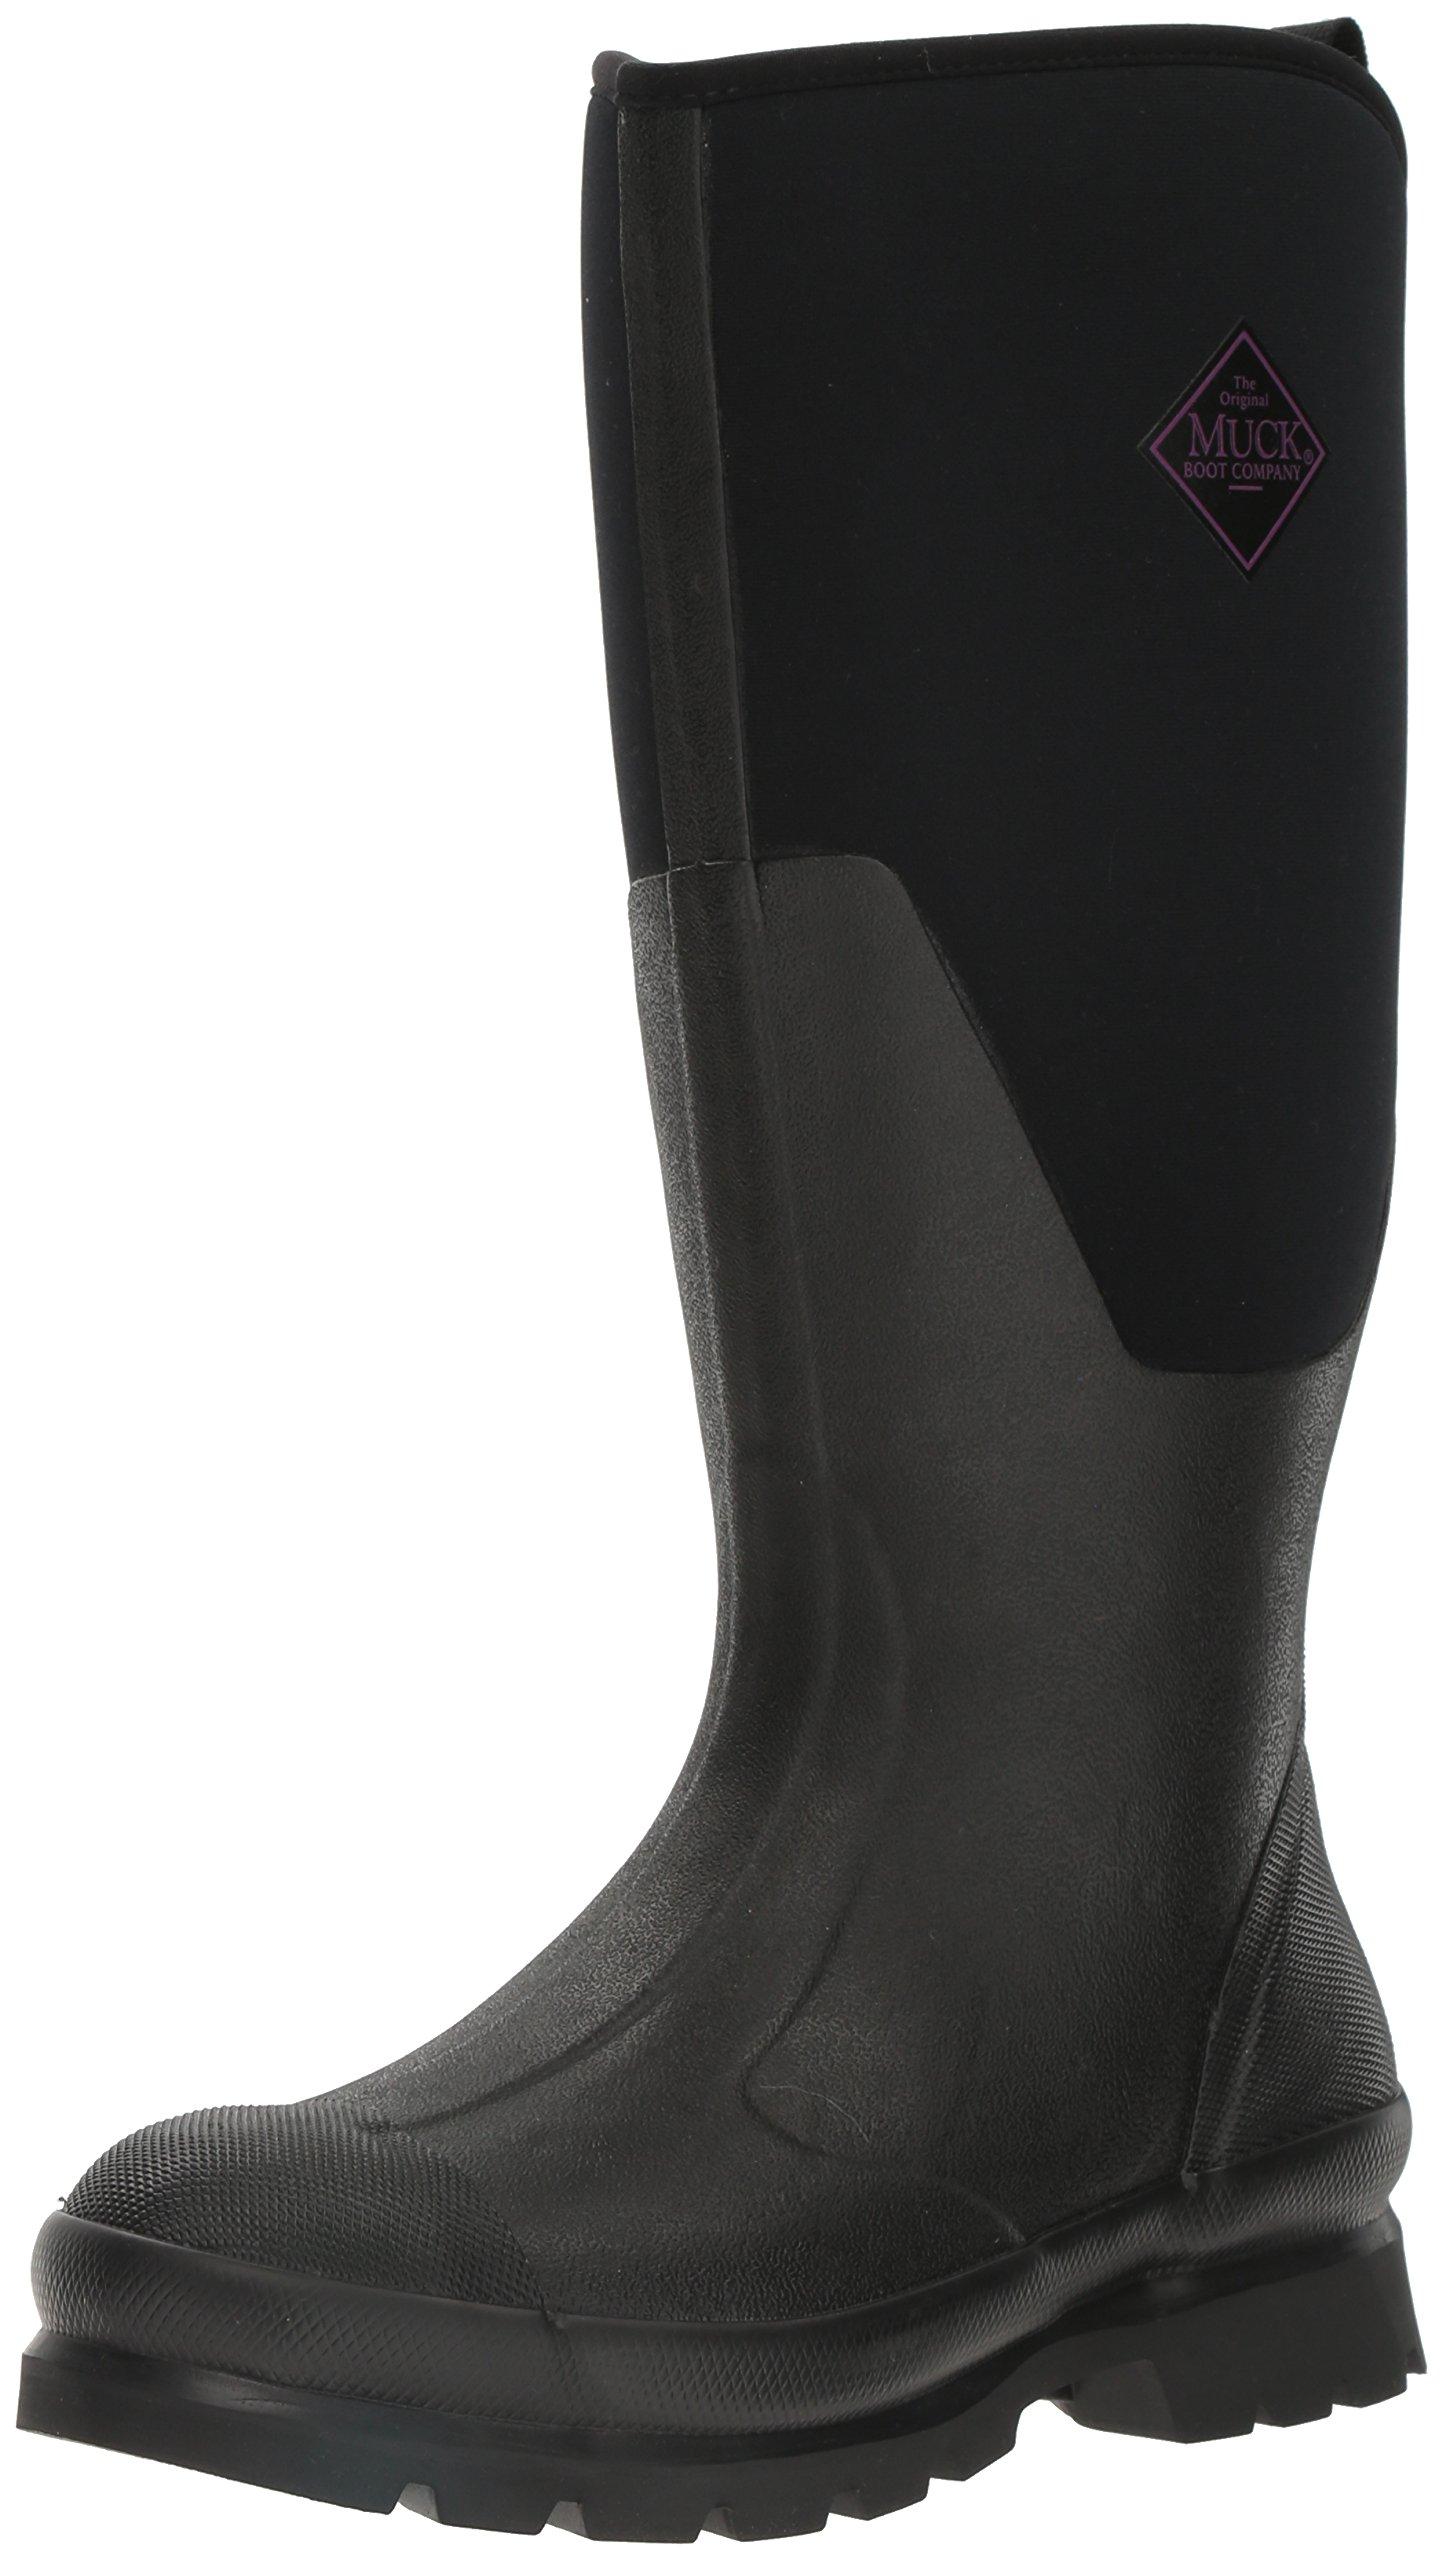 Muck Chore Rubber Women's Work Boots